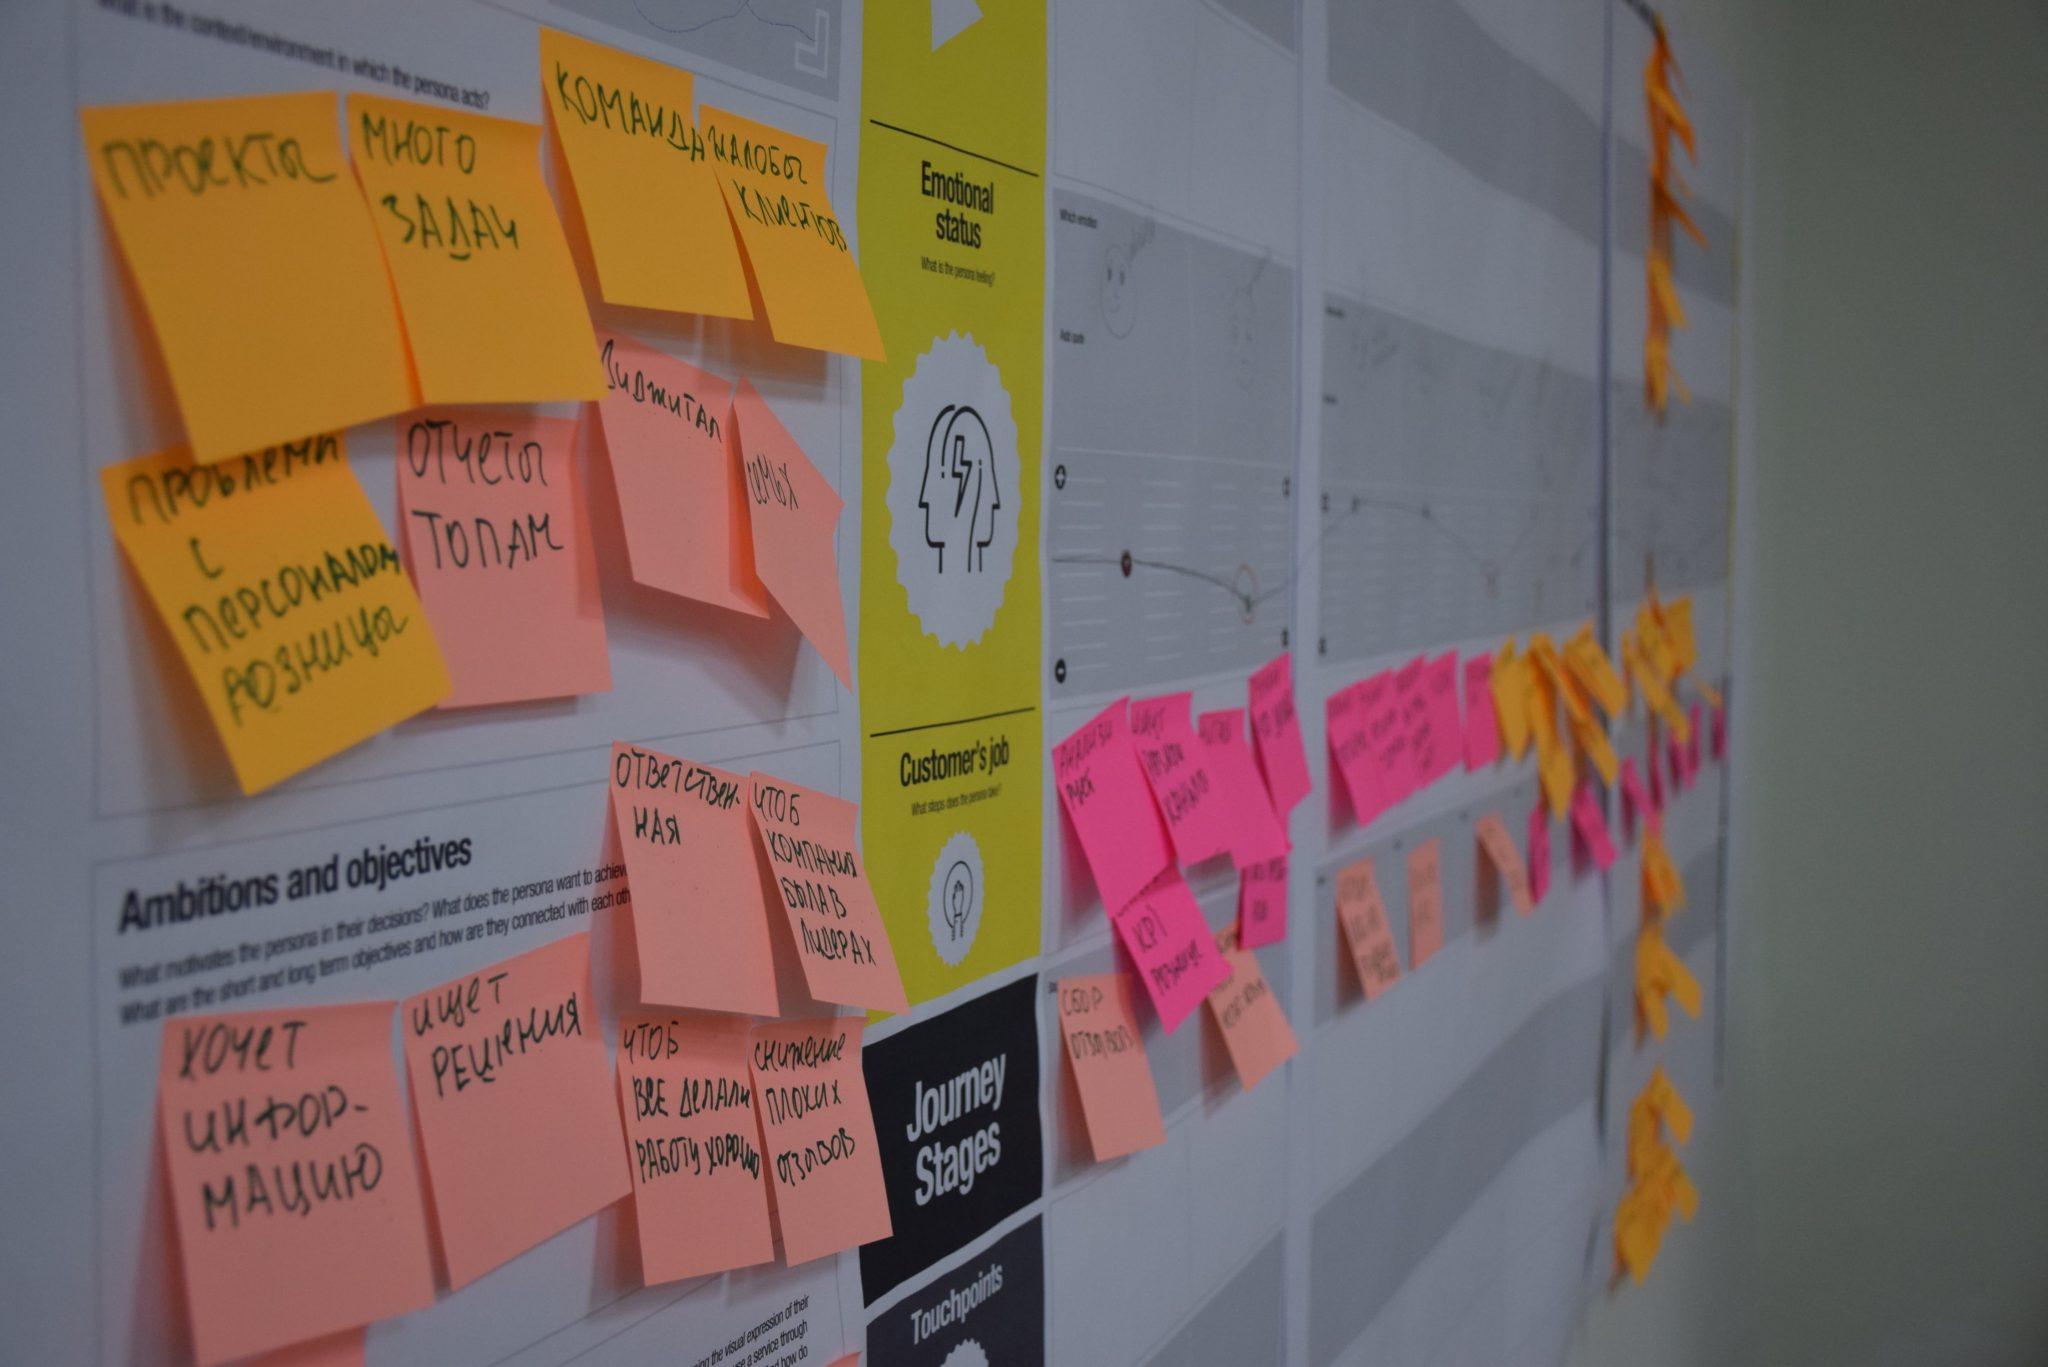 Сервис-дизайн расширяет свои границы